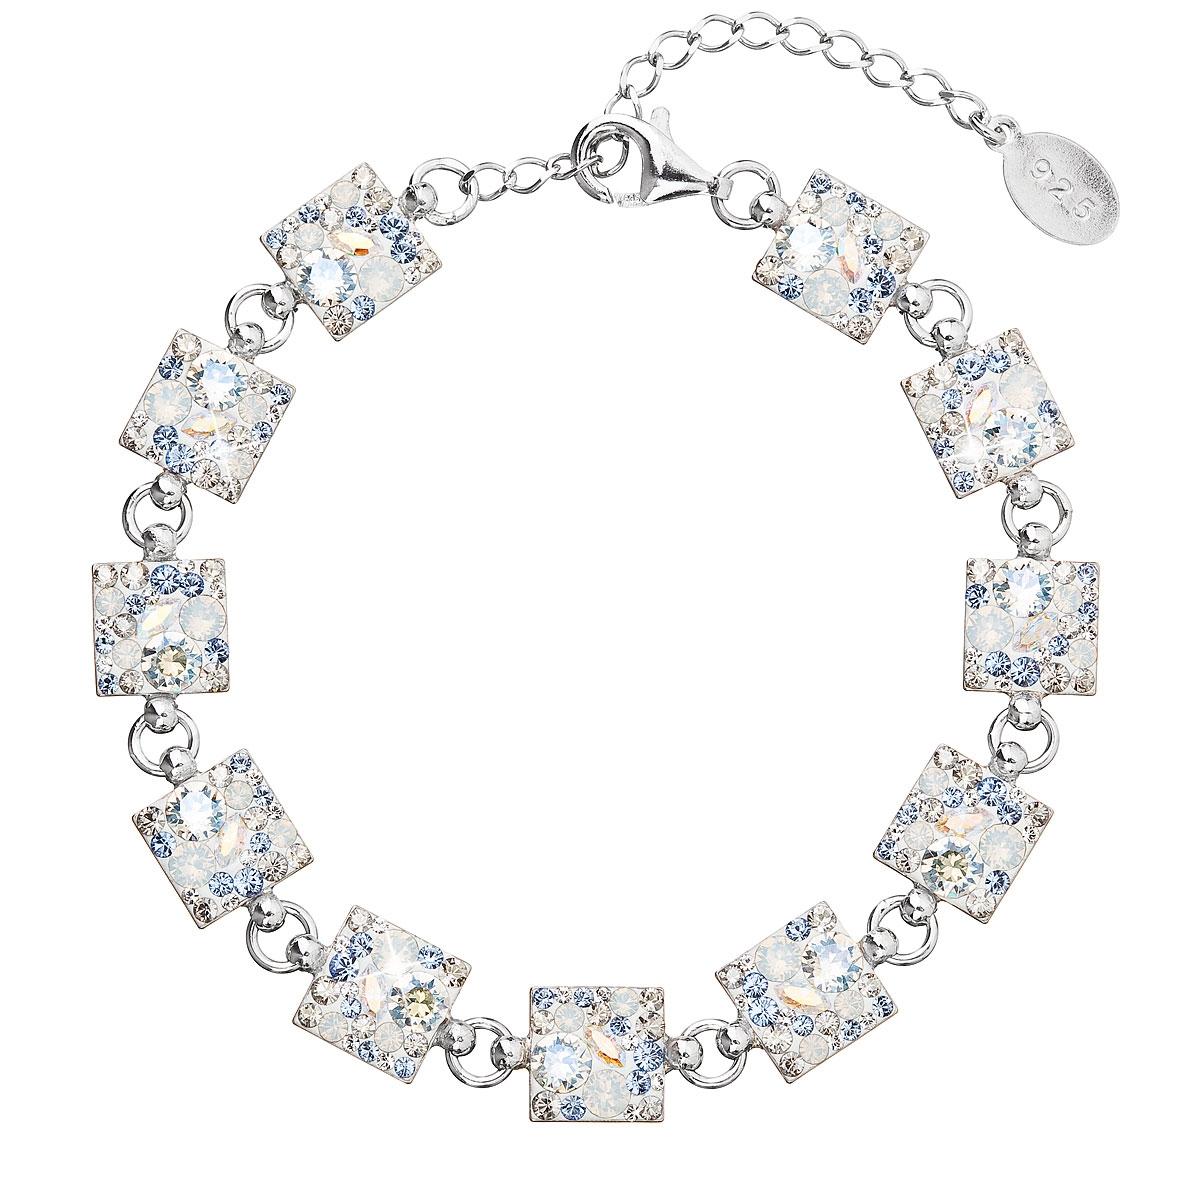 Strieborný náramok s kryštálmi Crystals from Swarovski ® Light Sapphire